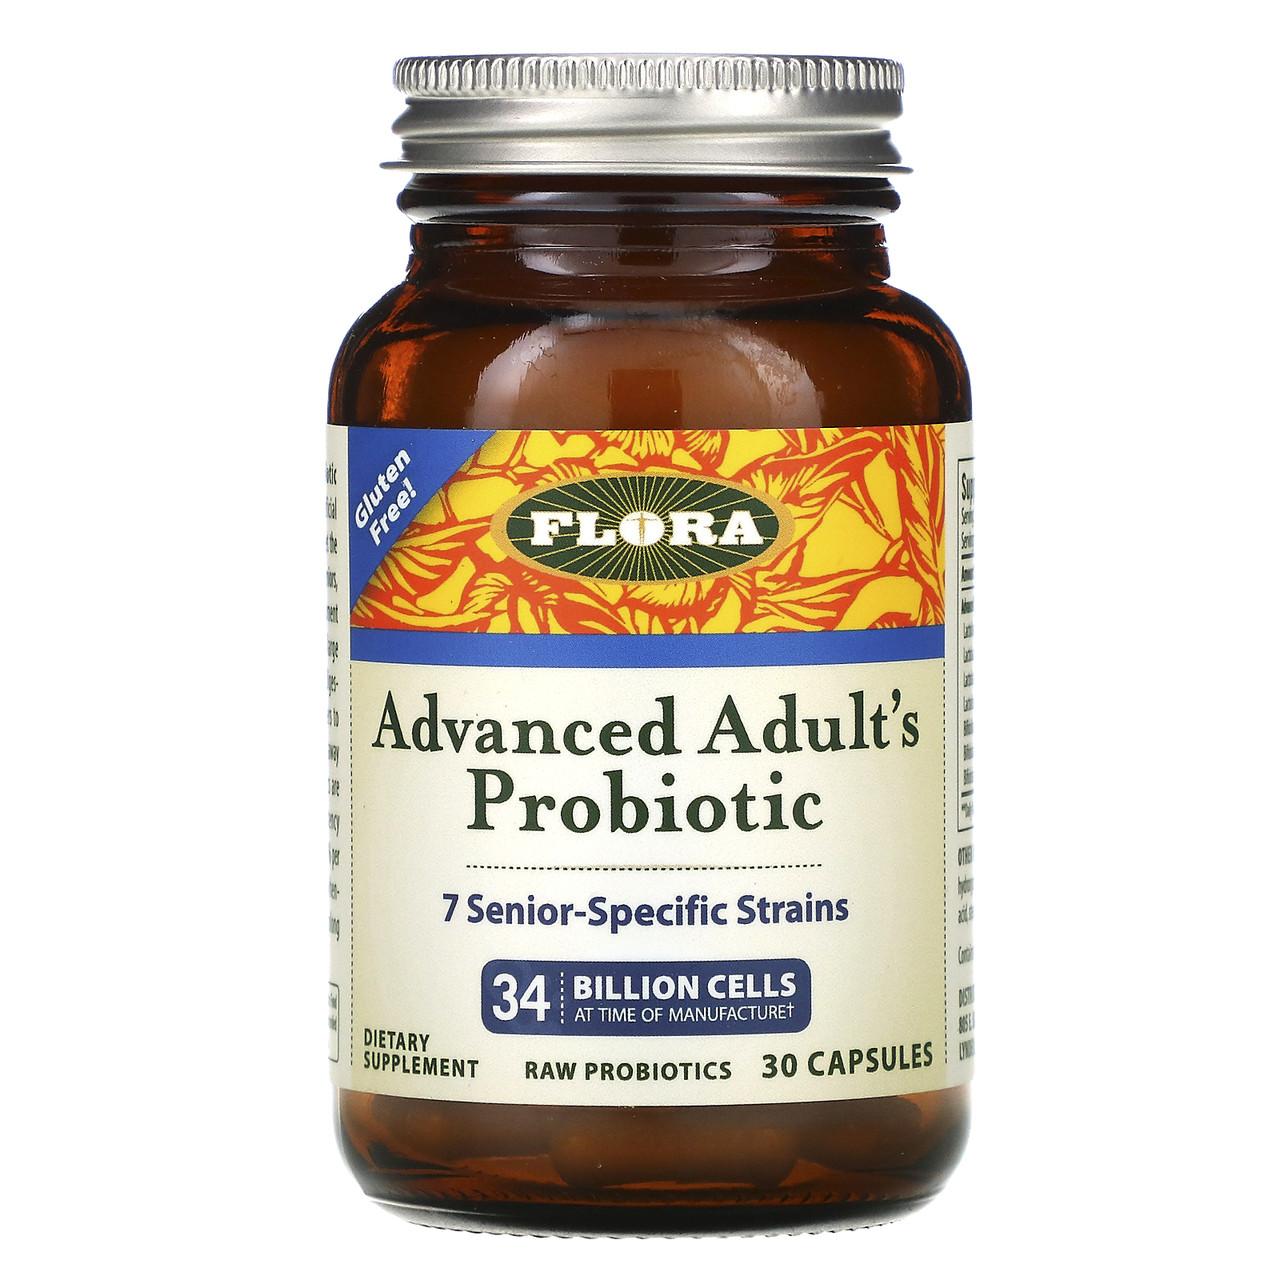 Пробиотики, Flora, для взрослых, Probiotic, 30 капсул